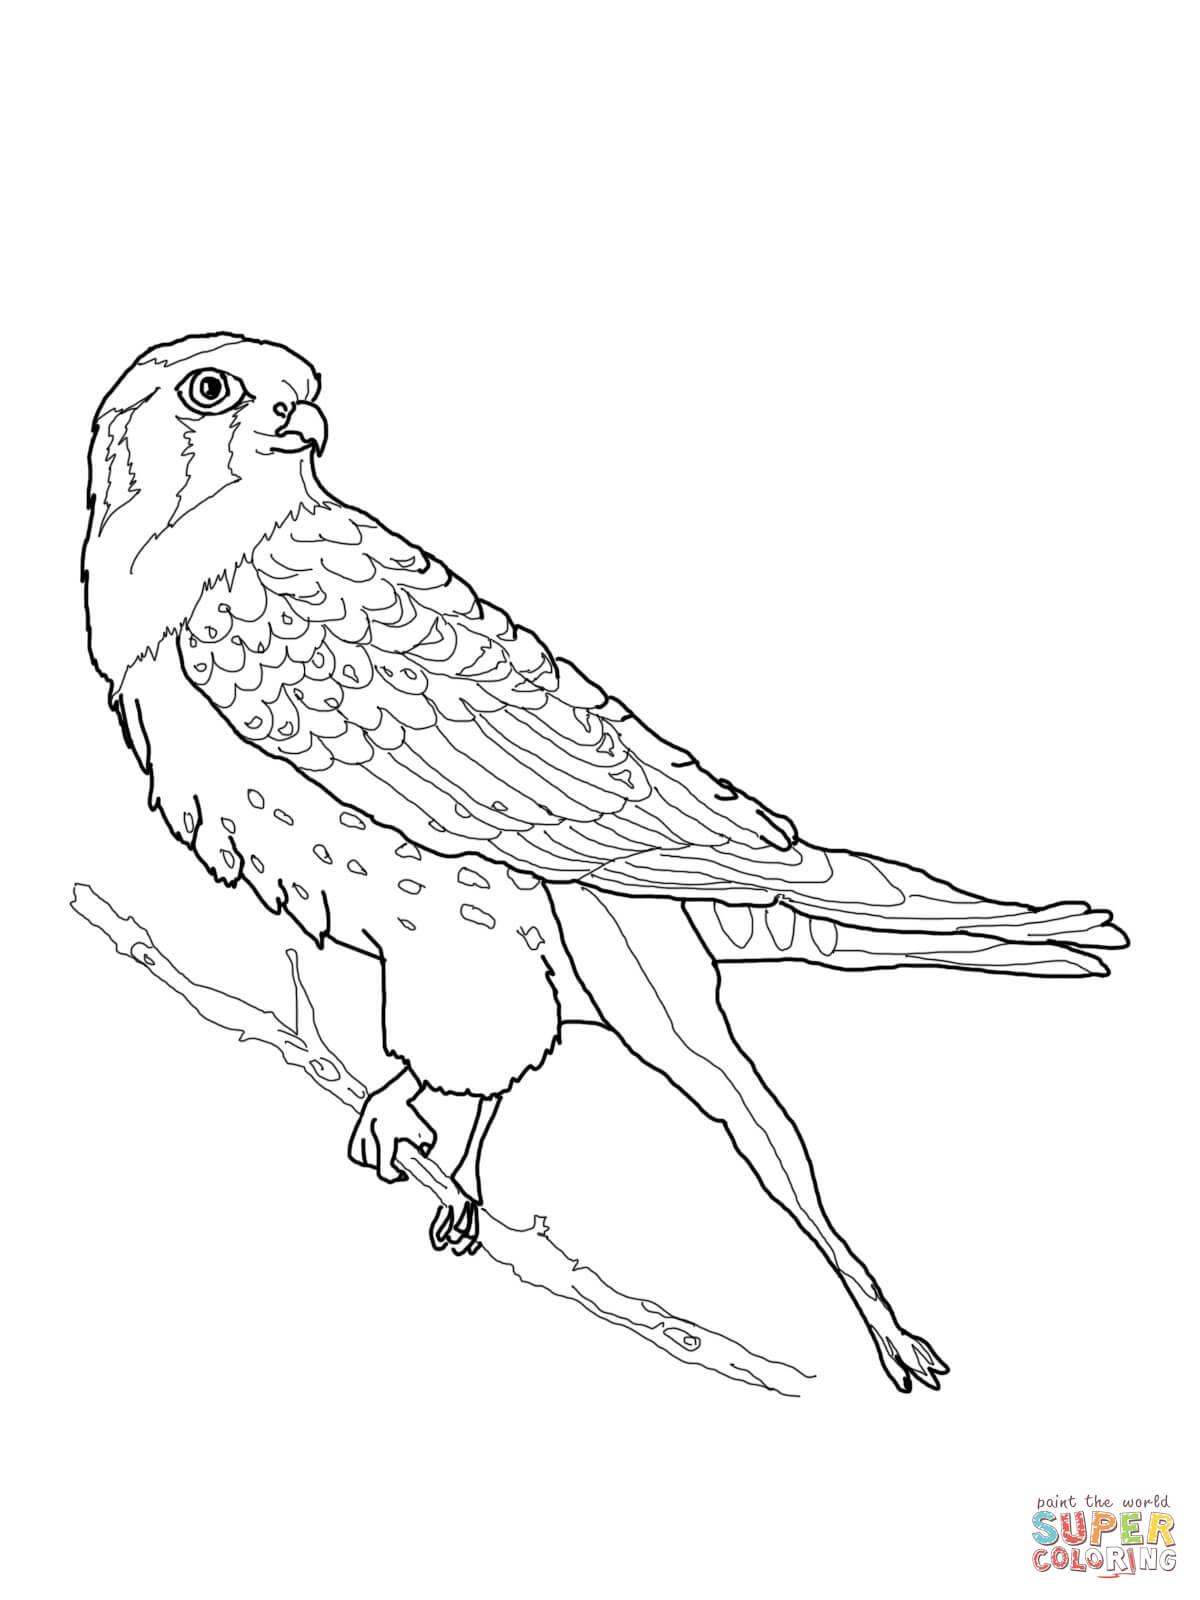 Kestrel coloring #12, Download drawings